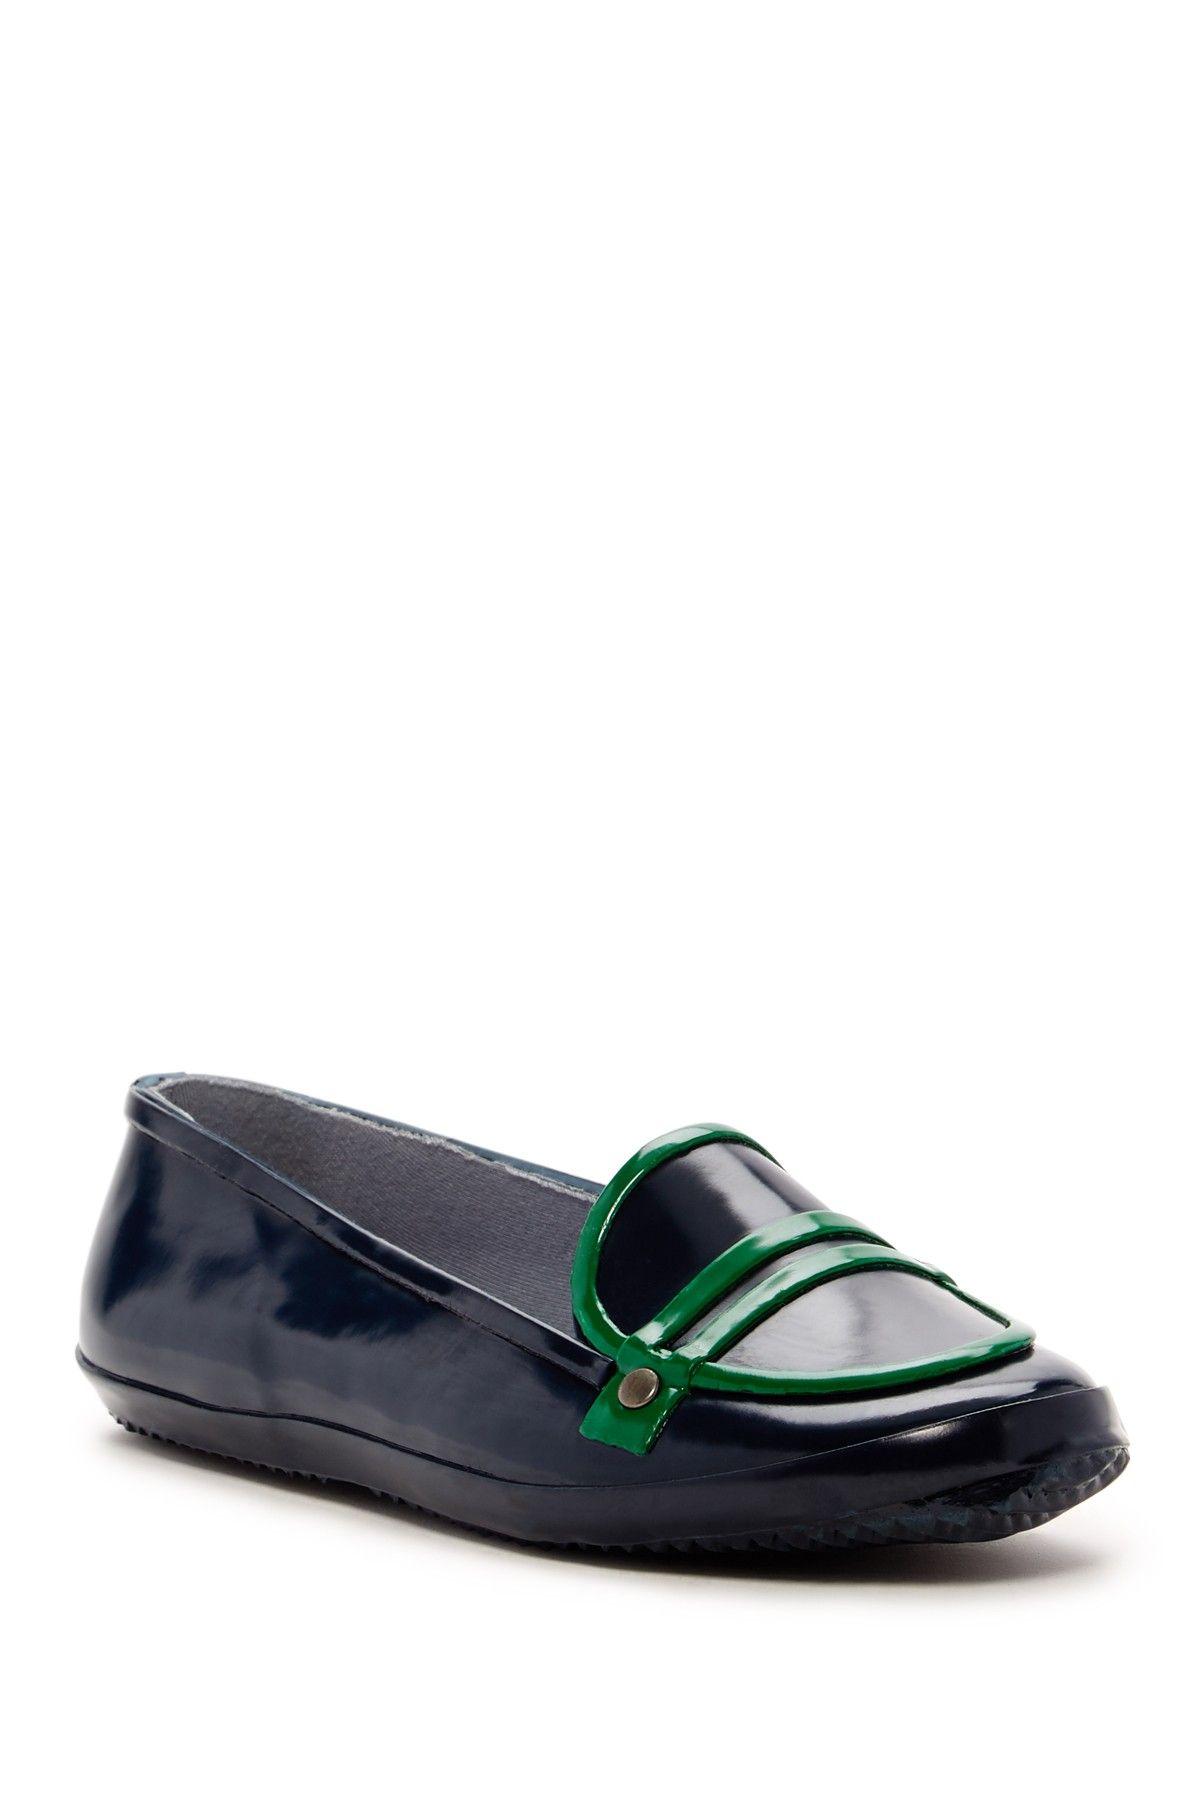 7a884ef3dd79 Mist Pipetrim Rain Shoe